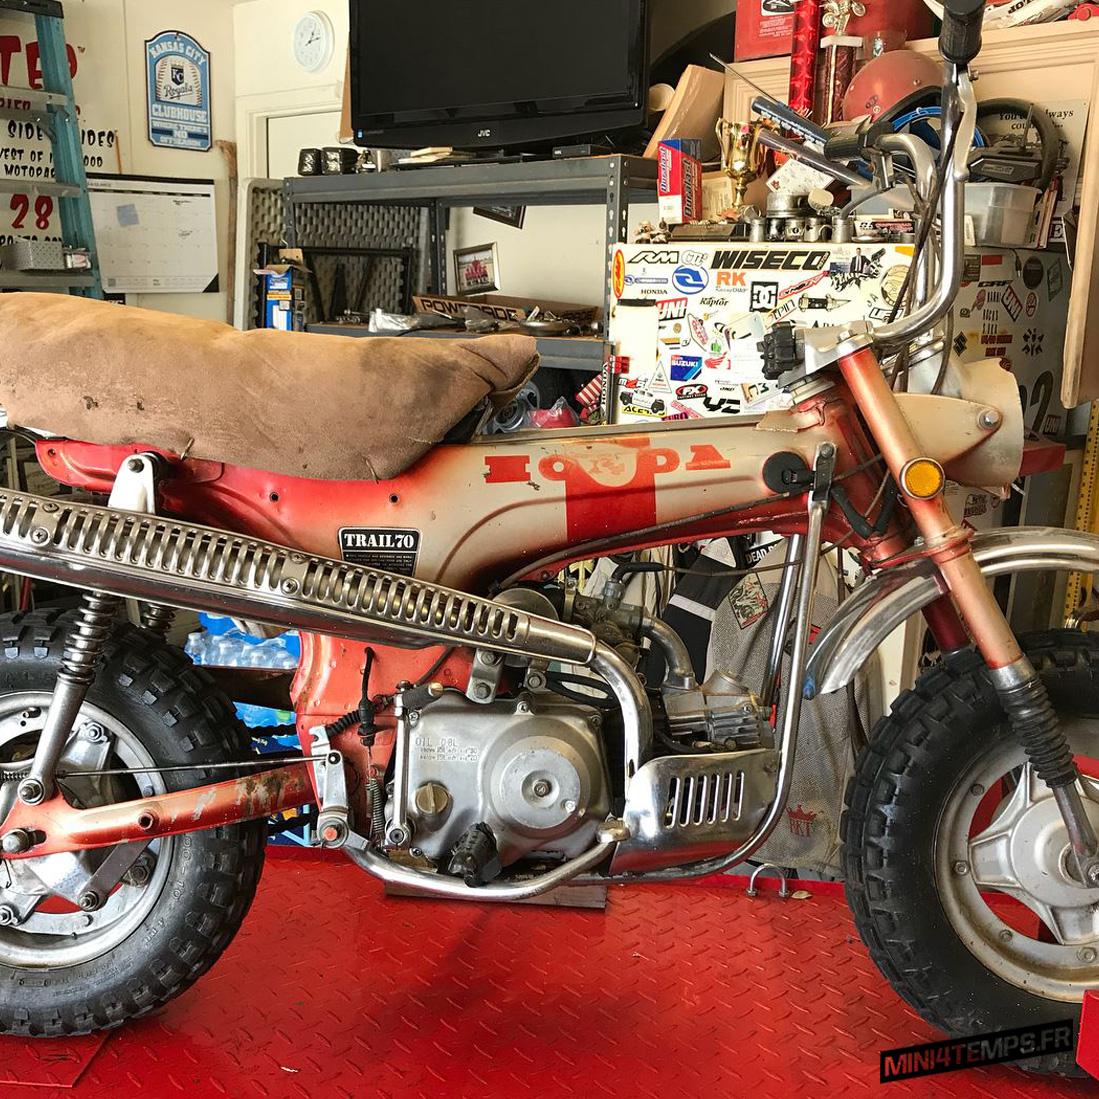 Restauration de Marquez Vintage Cycles - mini4temps.fr